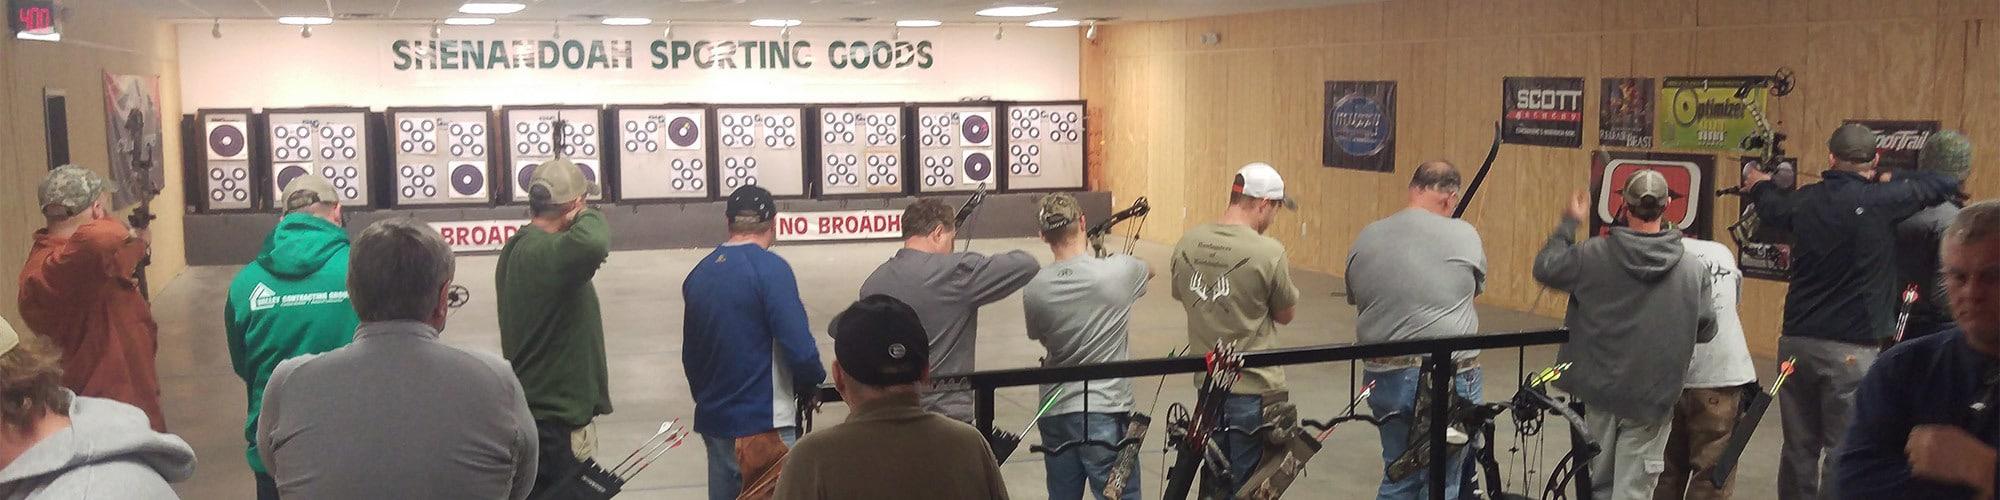 Virginia indoor archery range